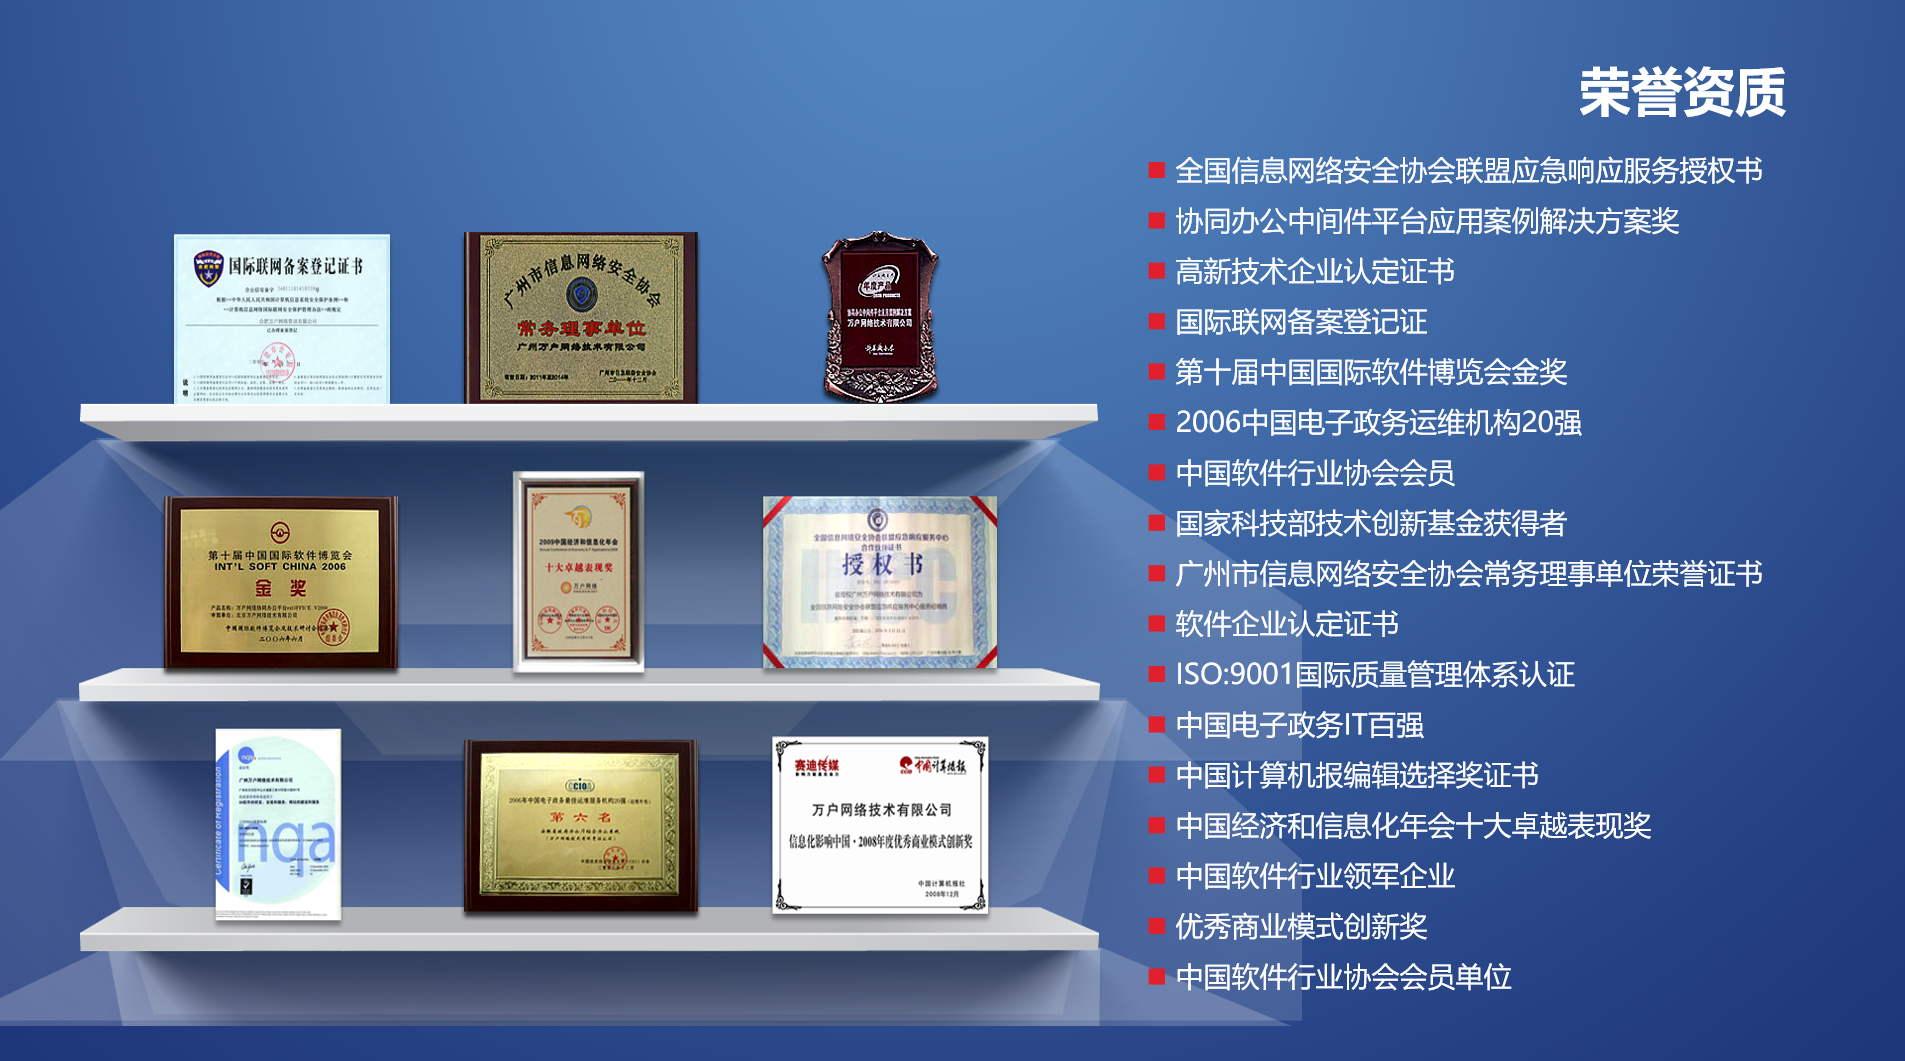 高端集团品牌门户html5企业网站建设定制开发外贸制作设计